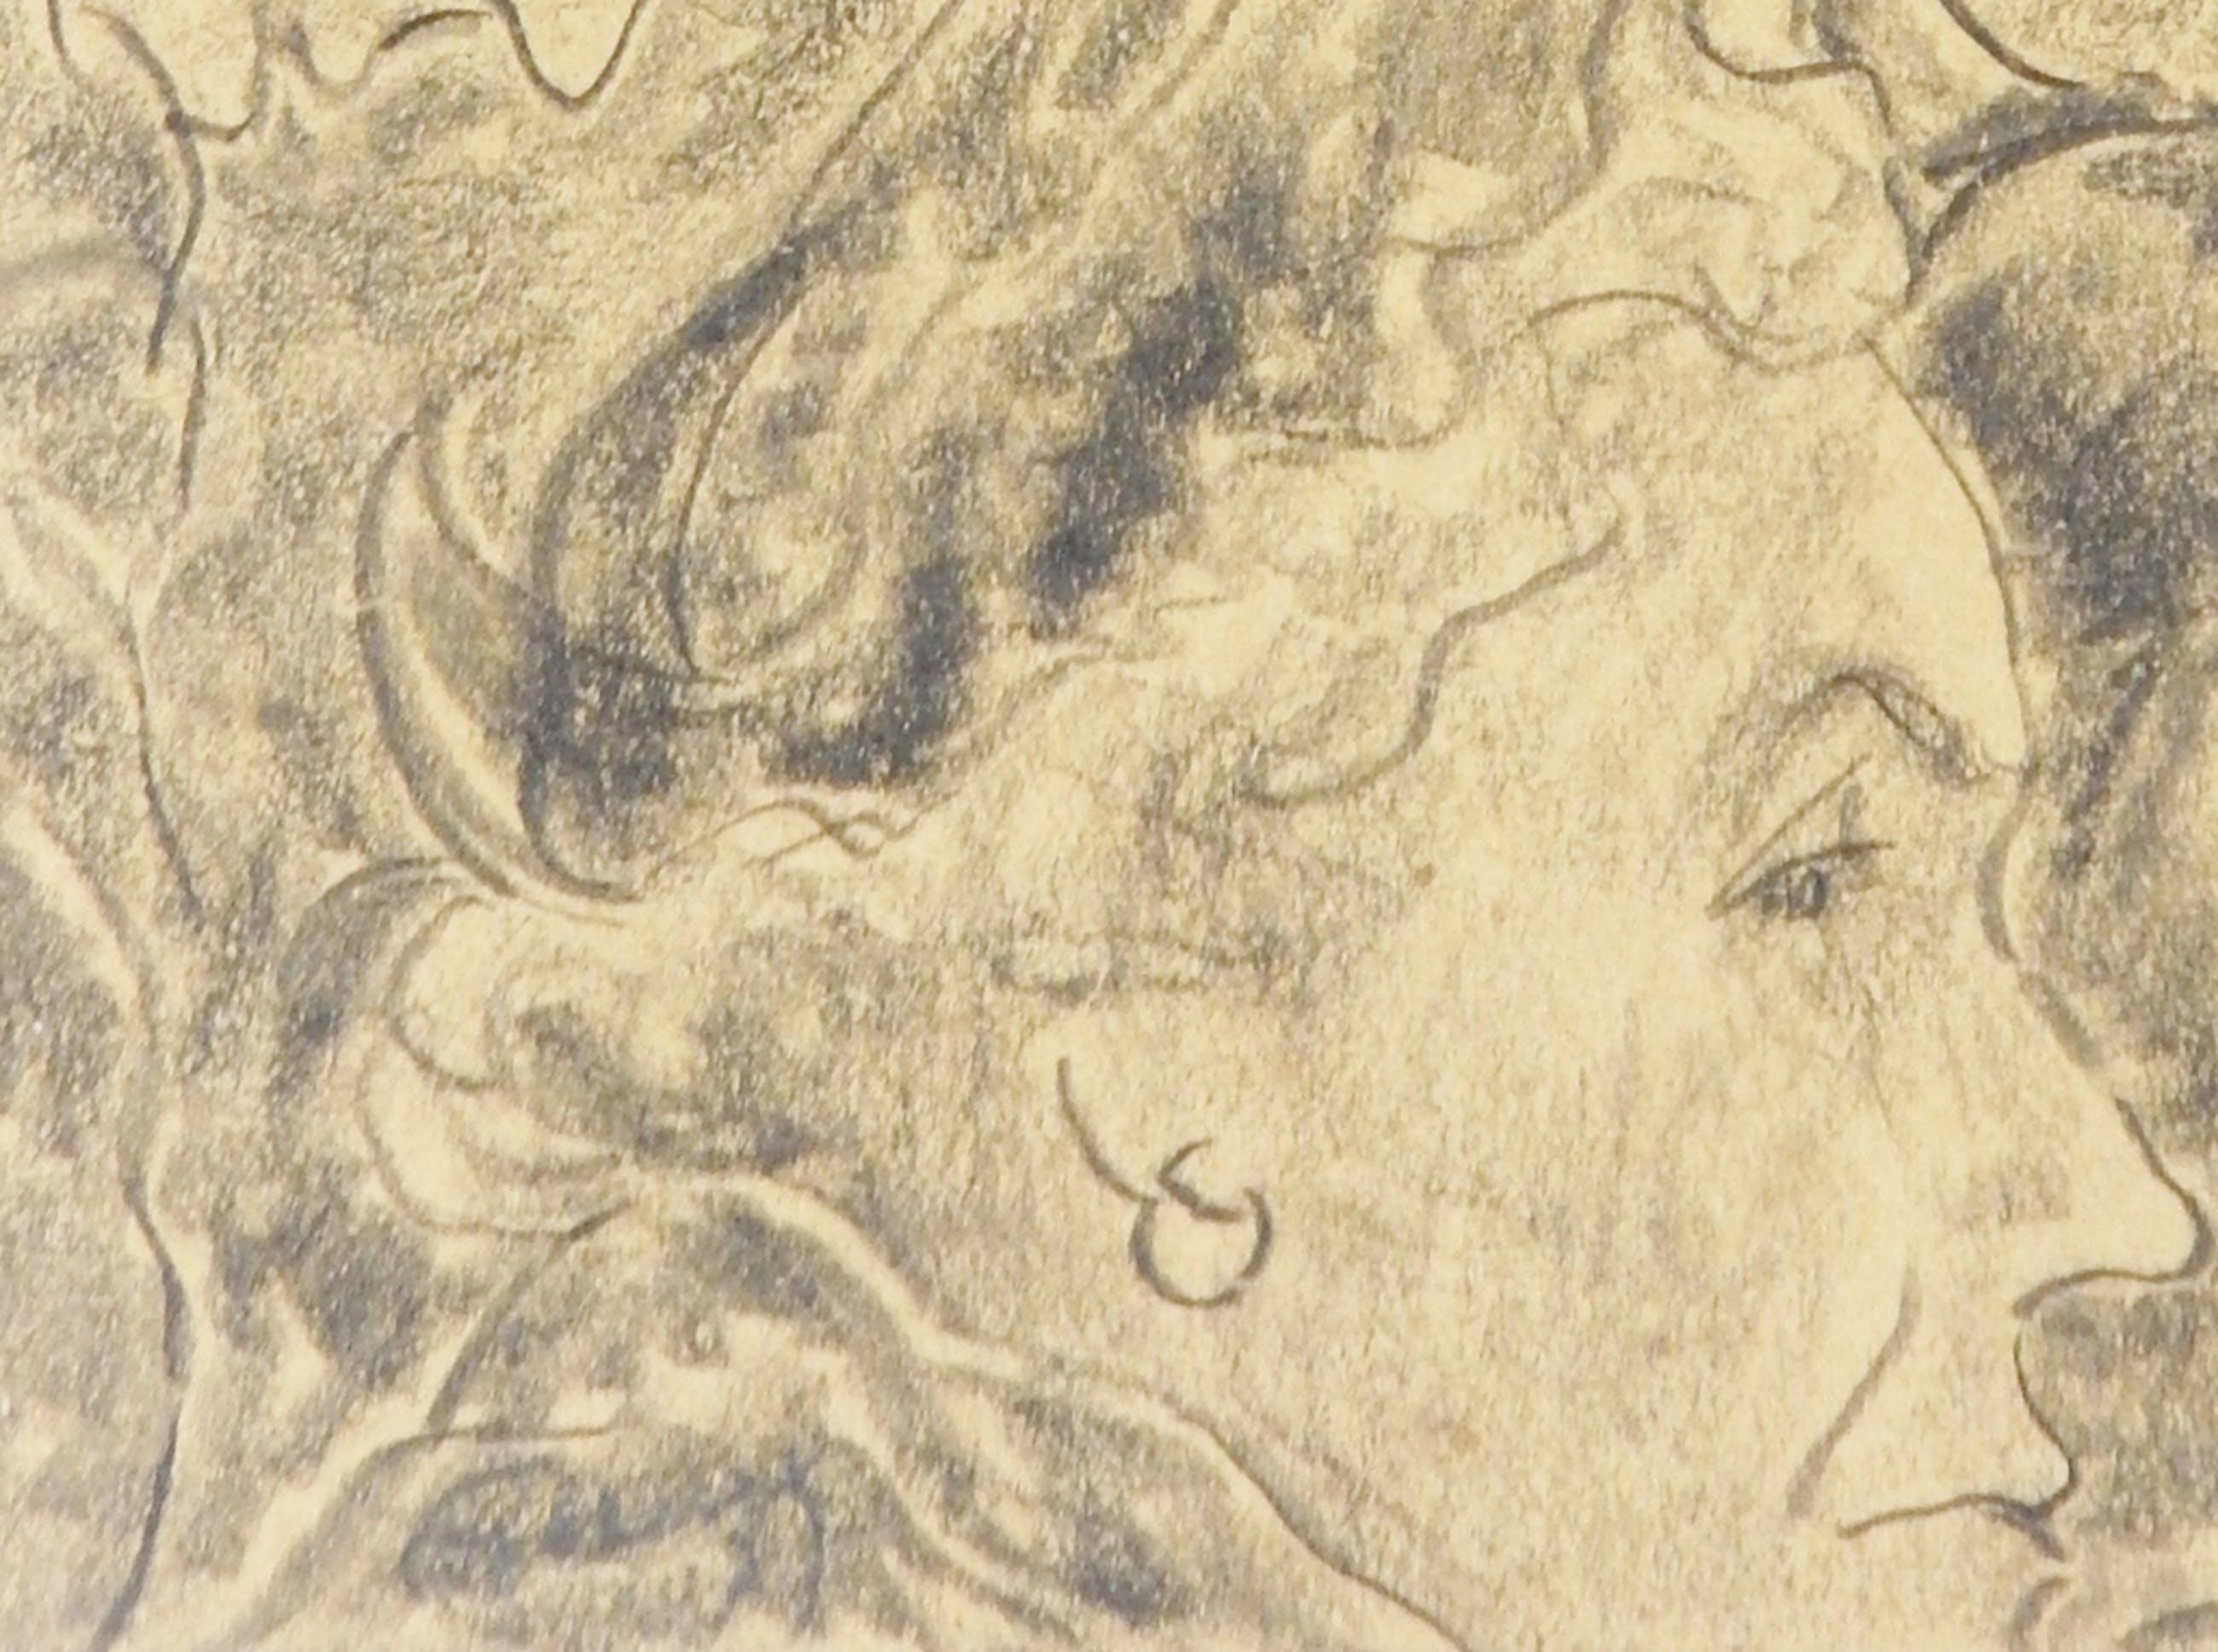 Phocas Fokkens (1888-1965) - Twee potloodtekeningen 1957 kopen? Bied vanaf 55!